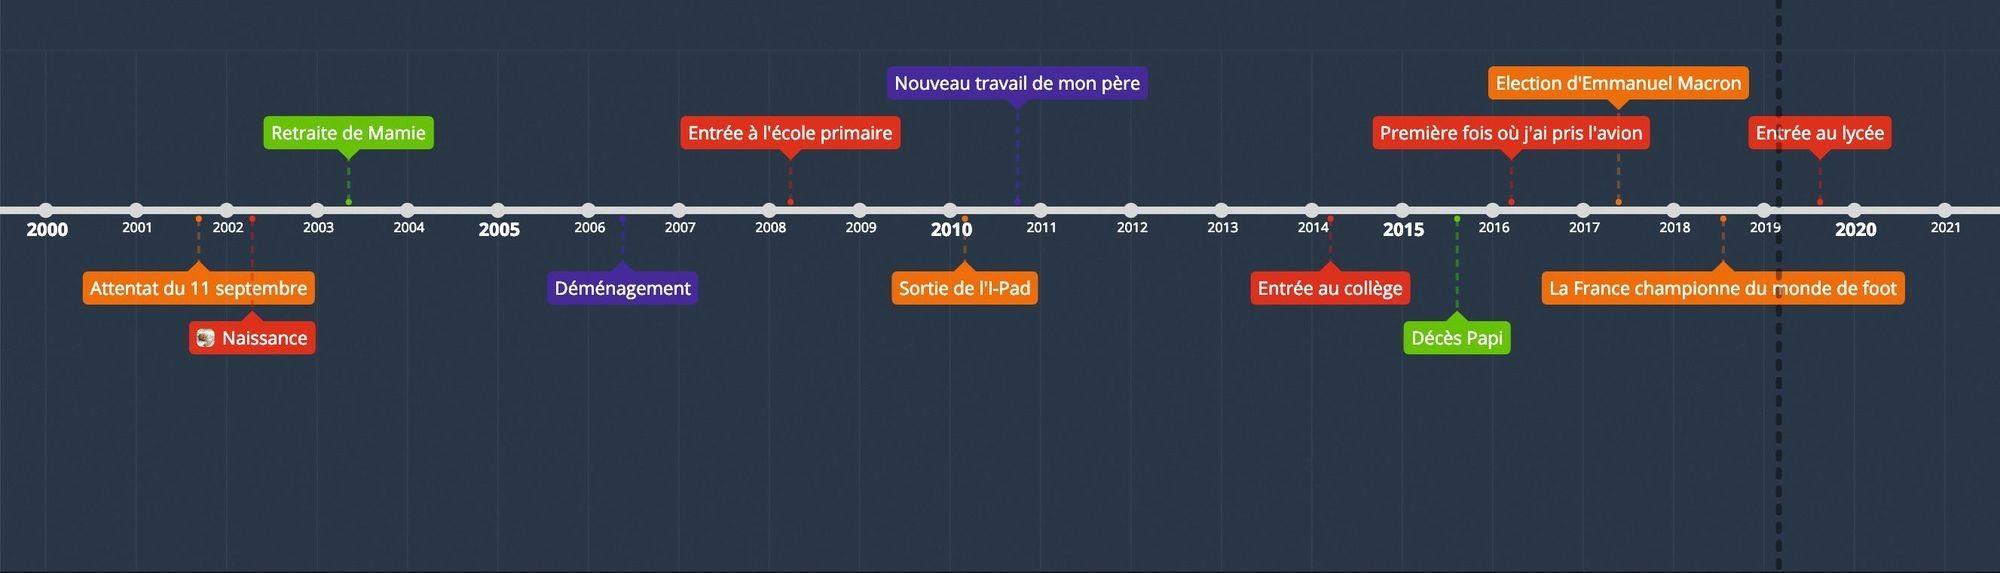 exemple de frise réalisée avec l'outil timegraphics